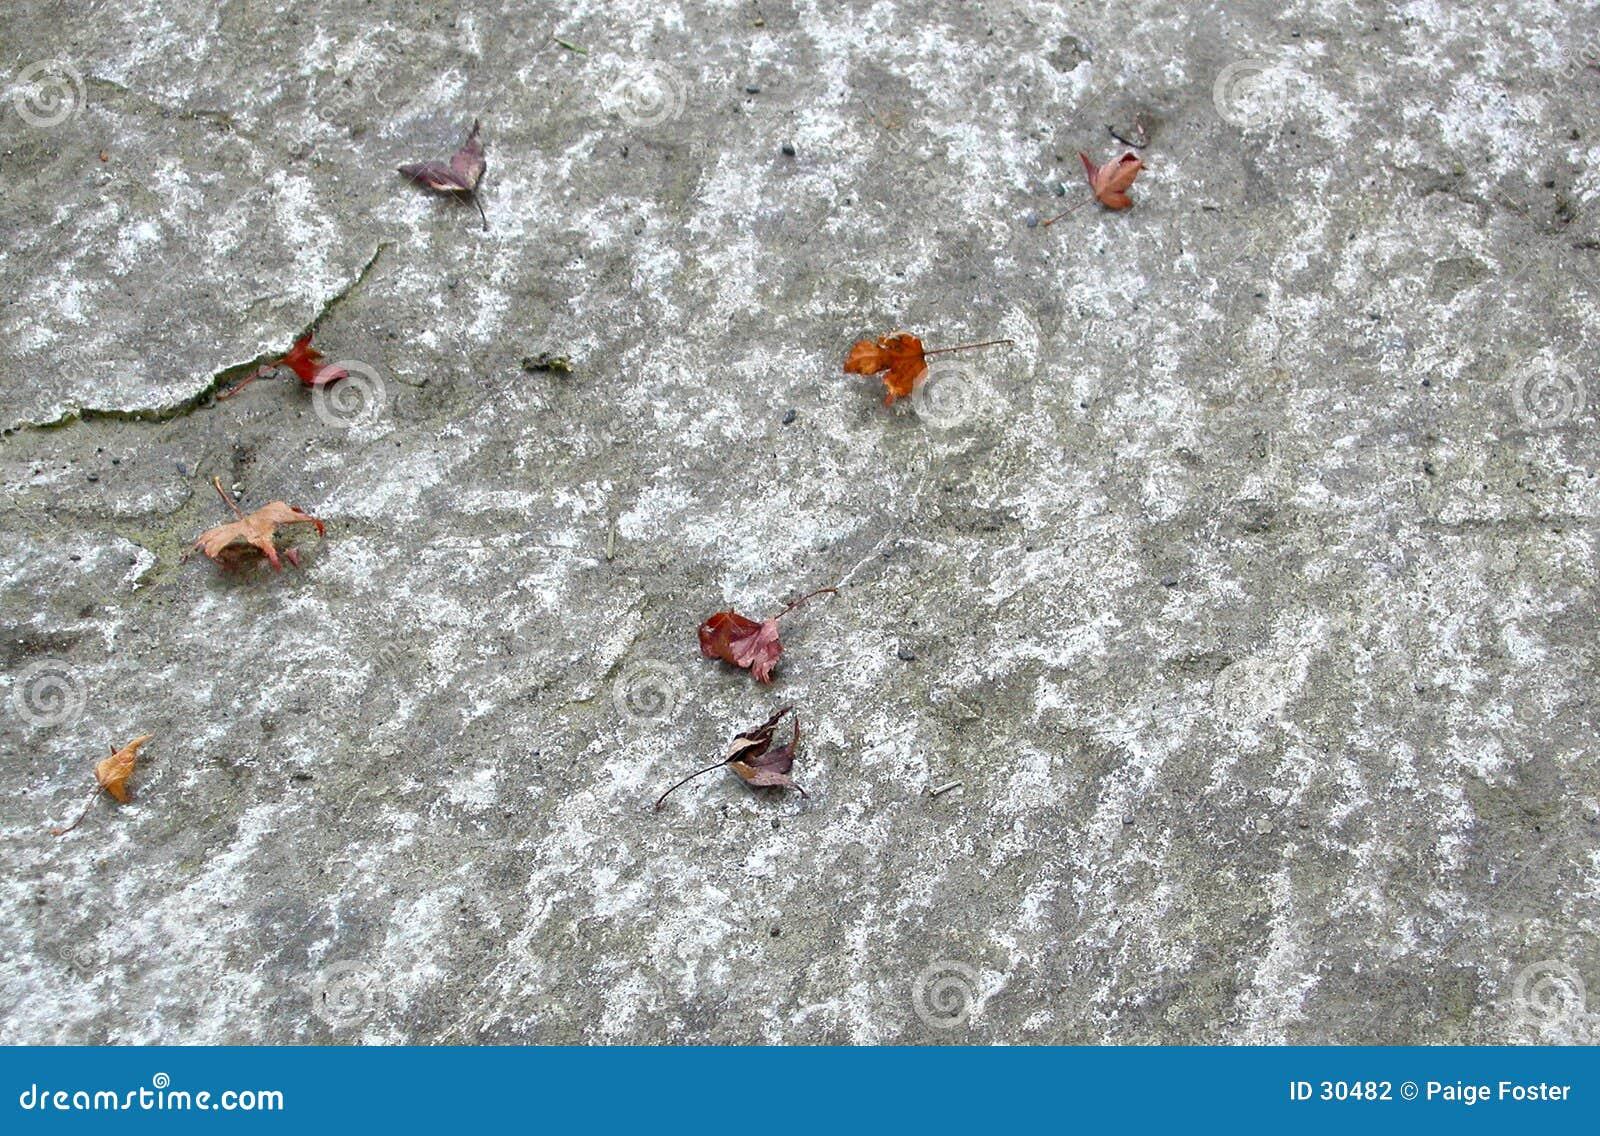 Leaves on Stone